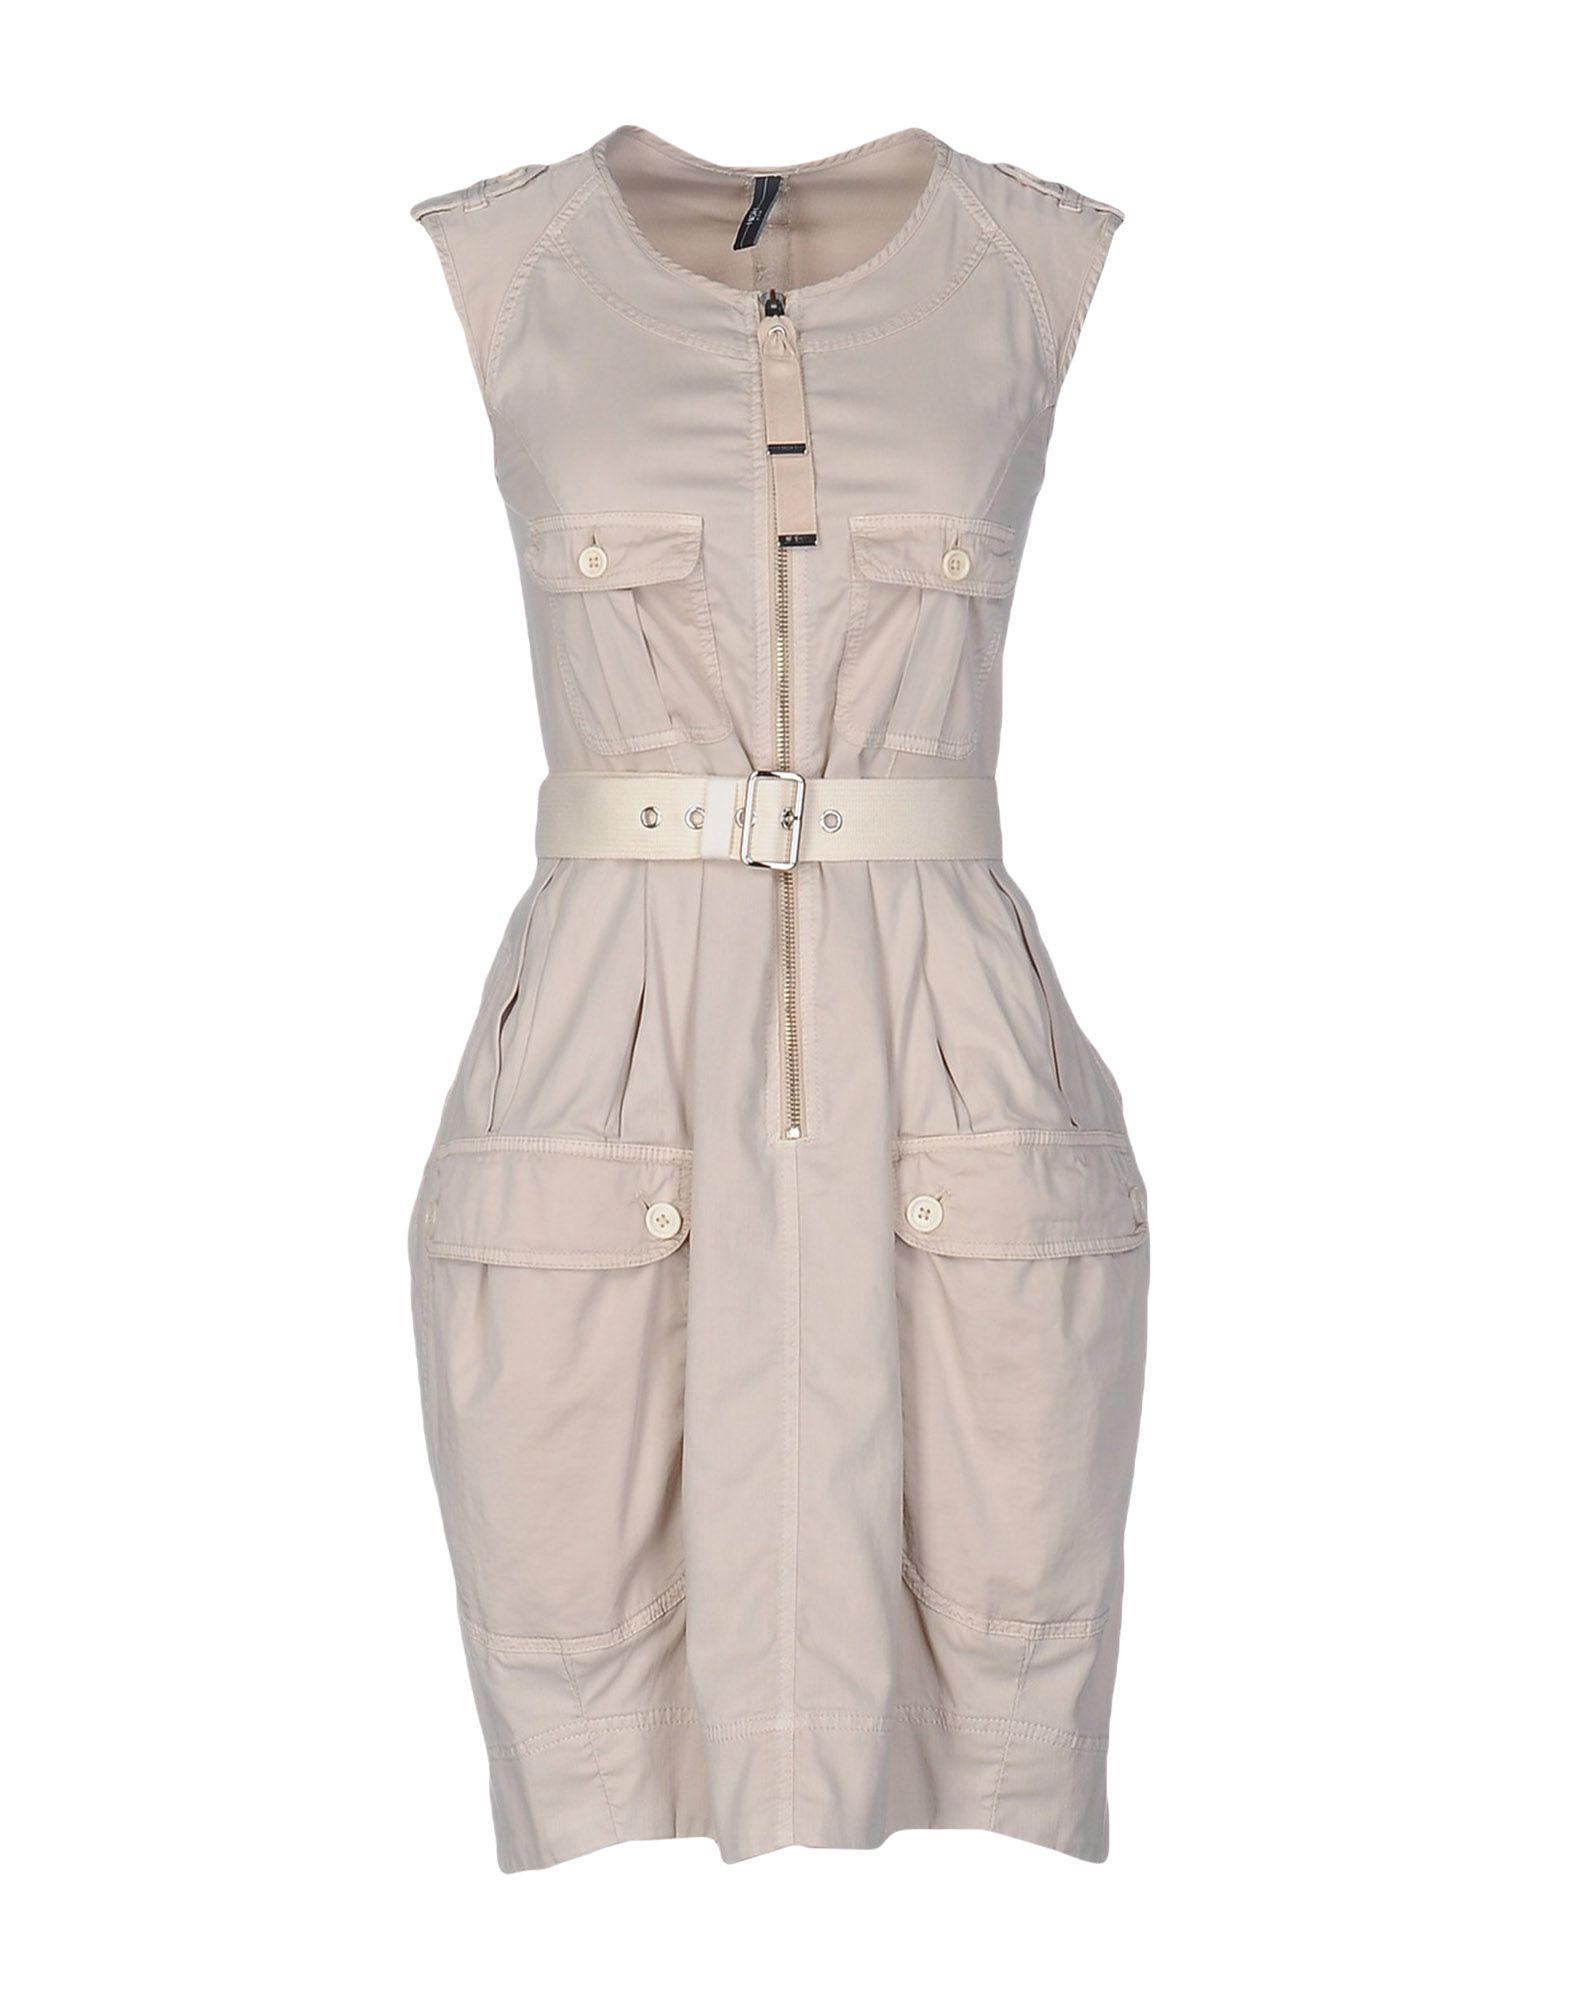 HIGH Short Dress in Neutrals